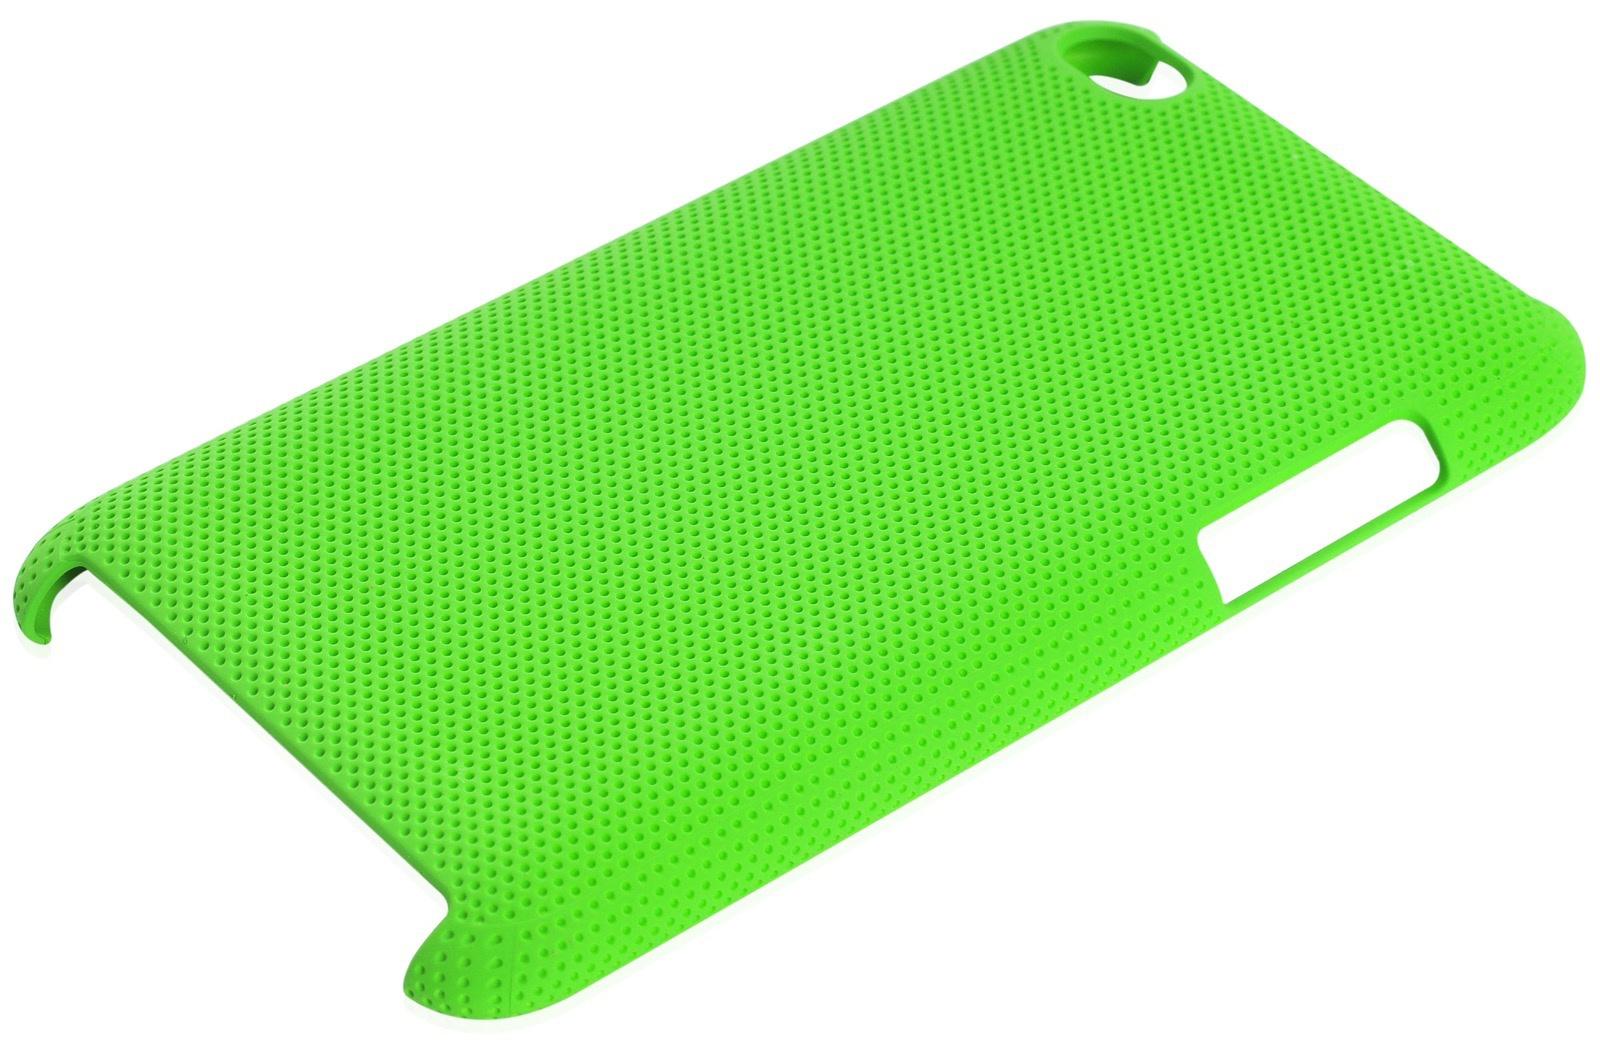 Чехол iNeez накладка с перфорацией green для Apple iPod Touch 4,180110,зеленый книги для mp3 плеера скачать